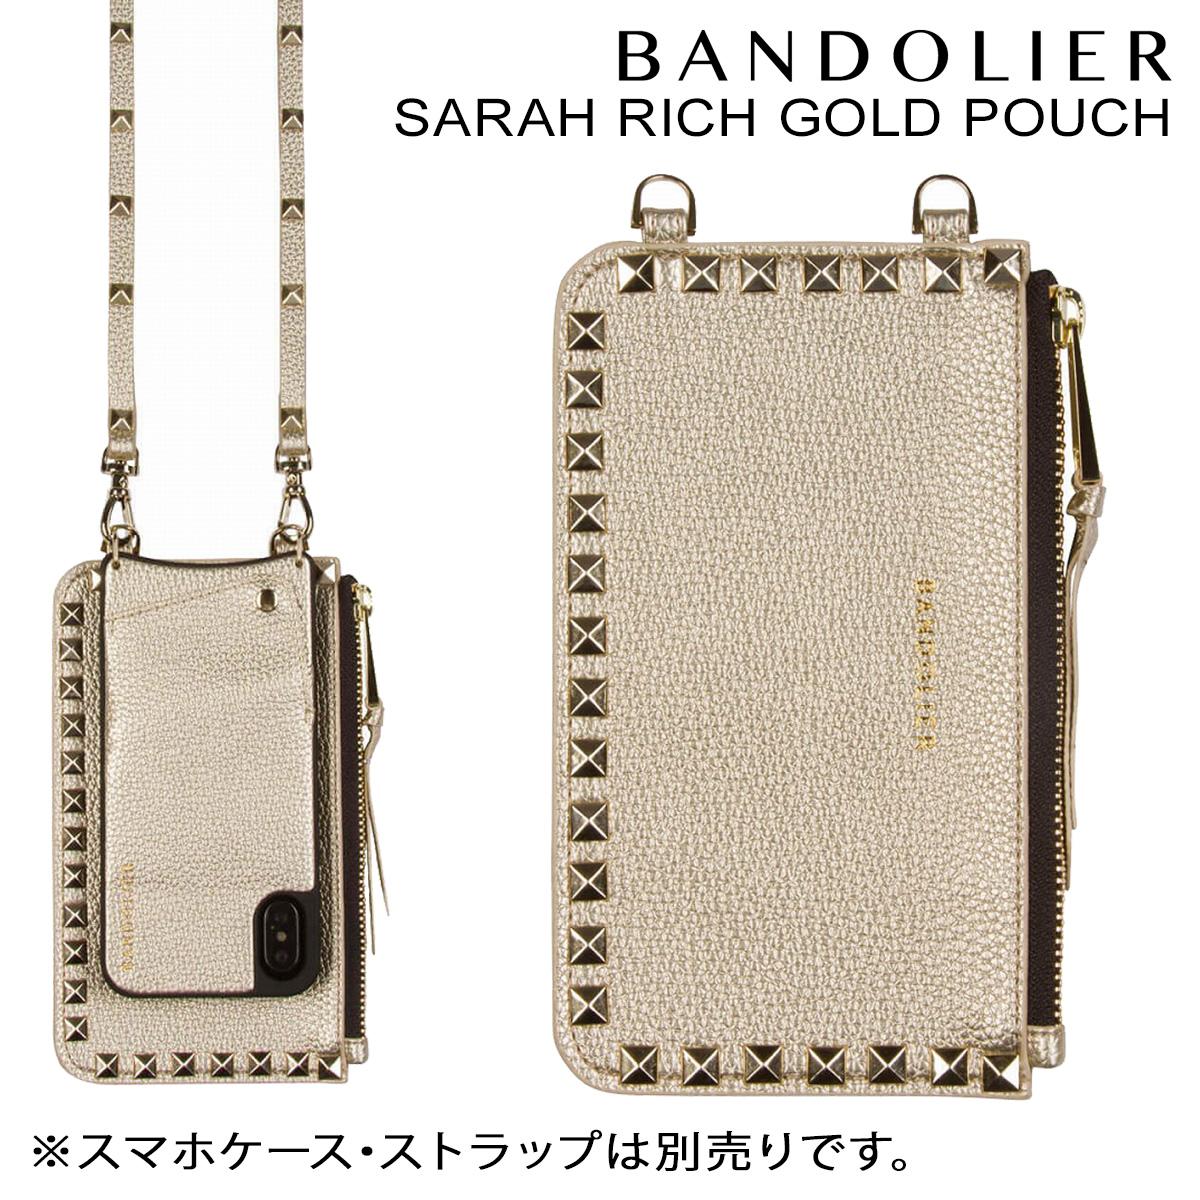 BANDOLIER バンドリヤー ポーチ SARAH RICH GOLD POUCH レザー メンズ レディース ゴールド [10/25 新入荷]